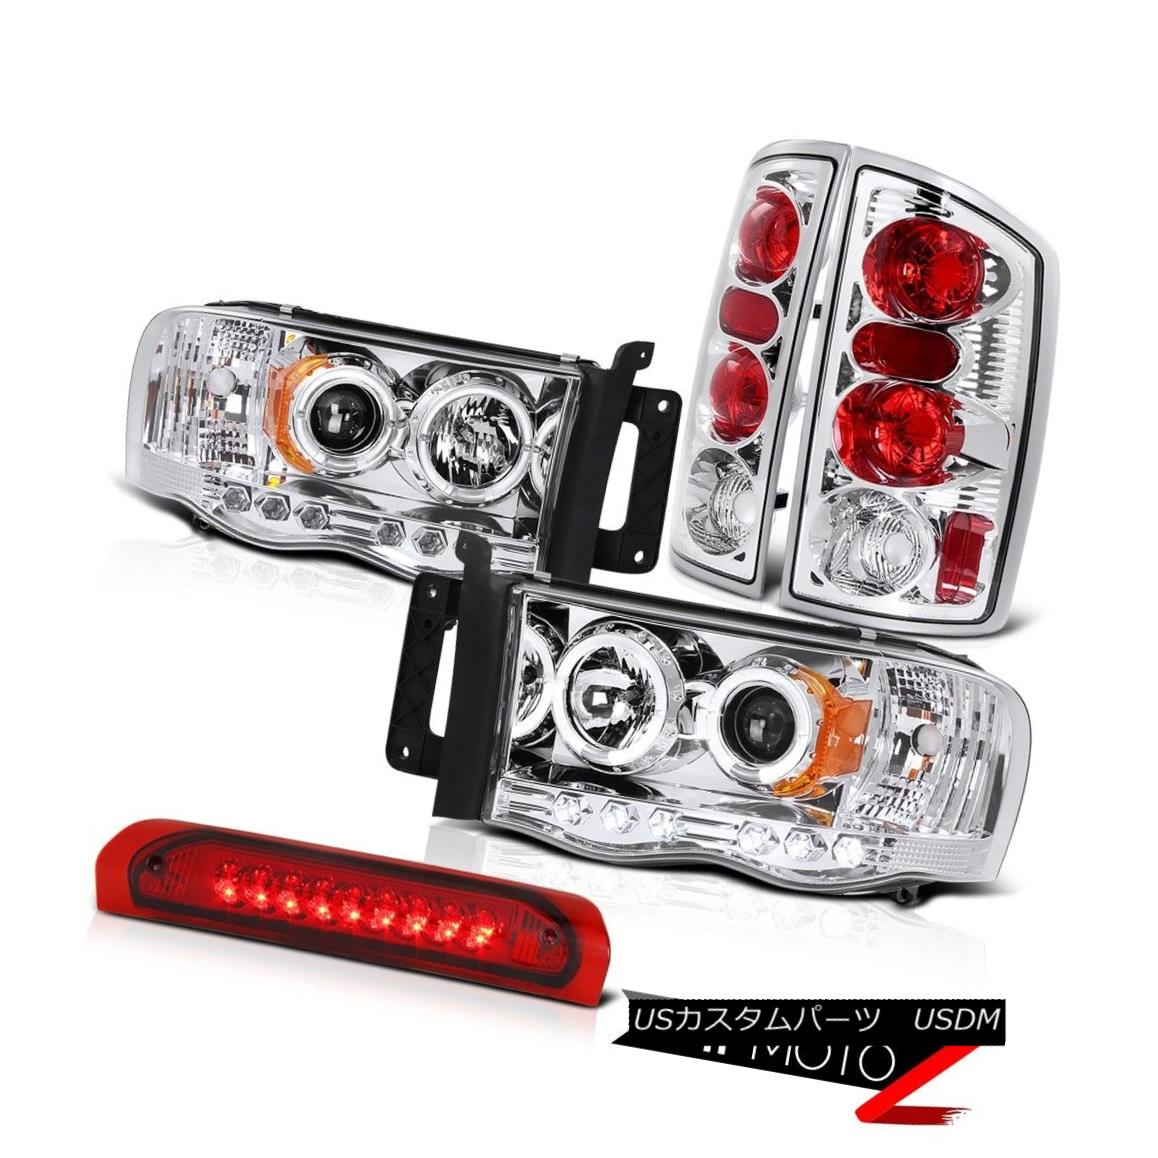 テールライト Halo Projector Headlight+Chrome TailLamp+RED Led 3rd Brake Light 02-05 Dodge RAM Haloプロジェクターヘッドライト+クロ me TailLamp + RED第3ブレーキライト02-05 Dodge RAM